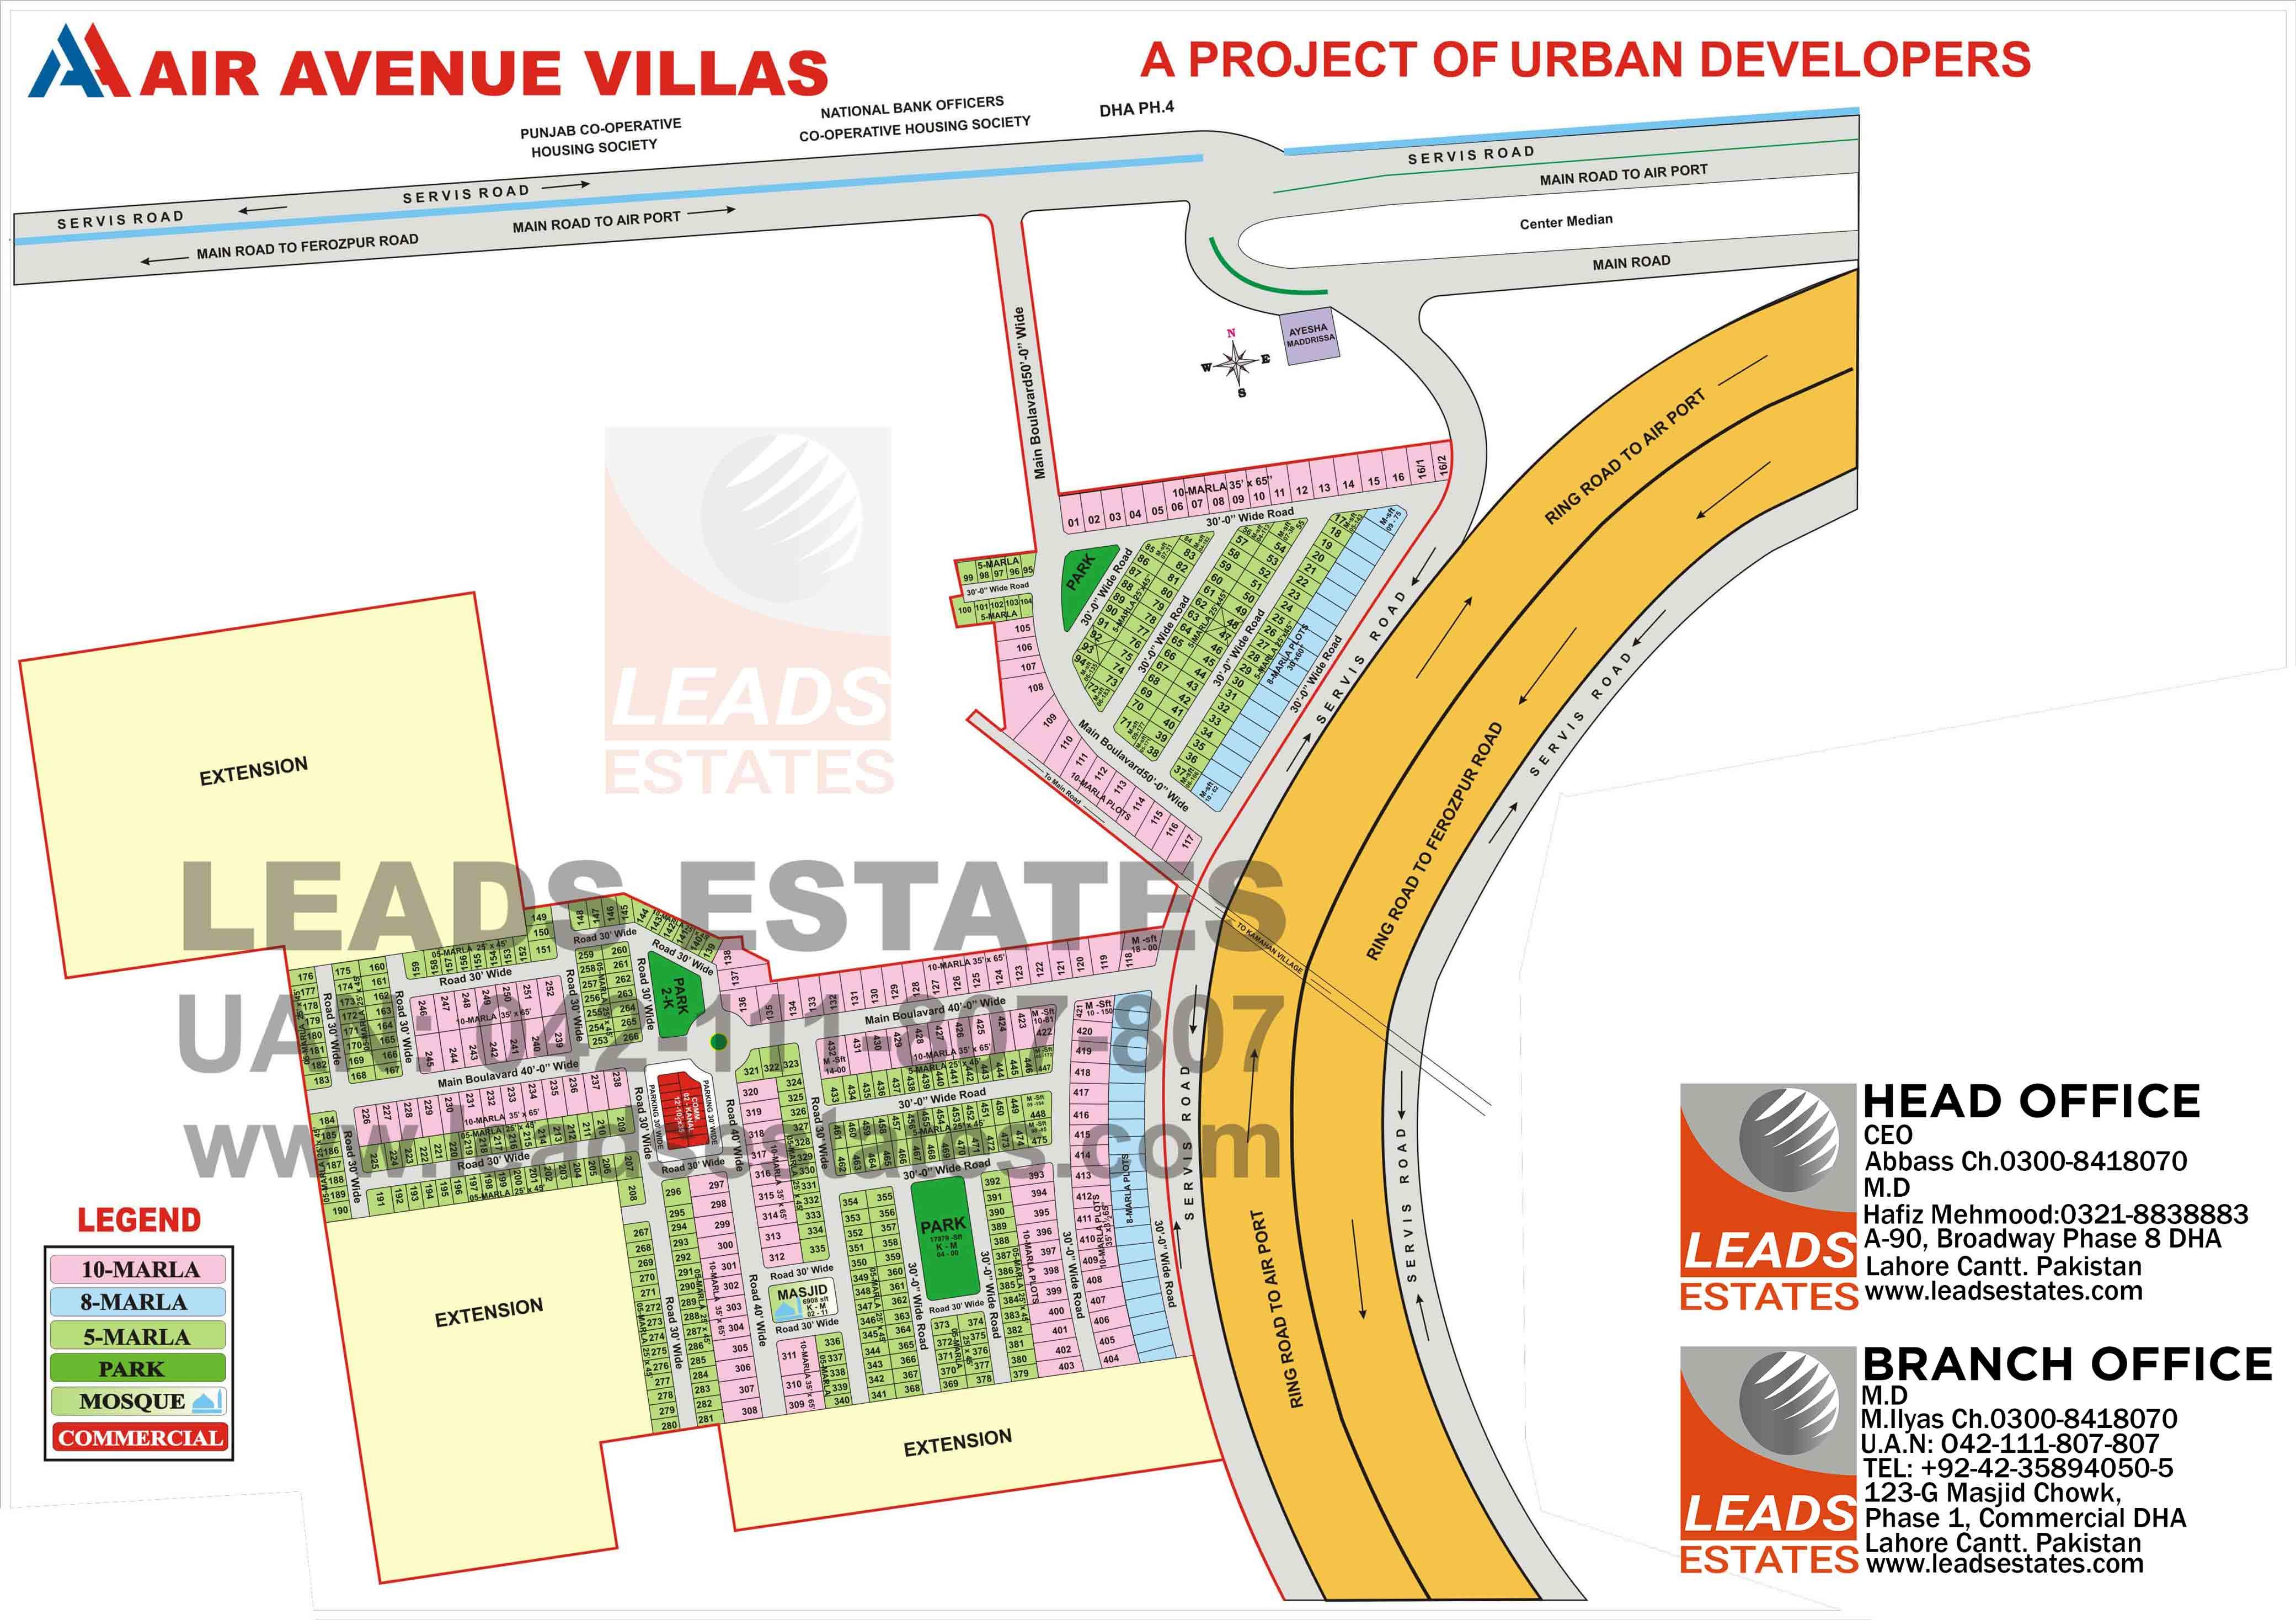 Air Avenue Villas